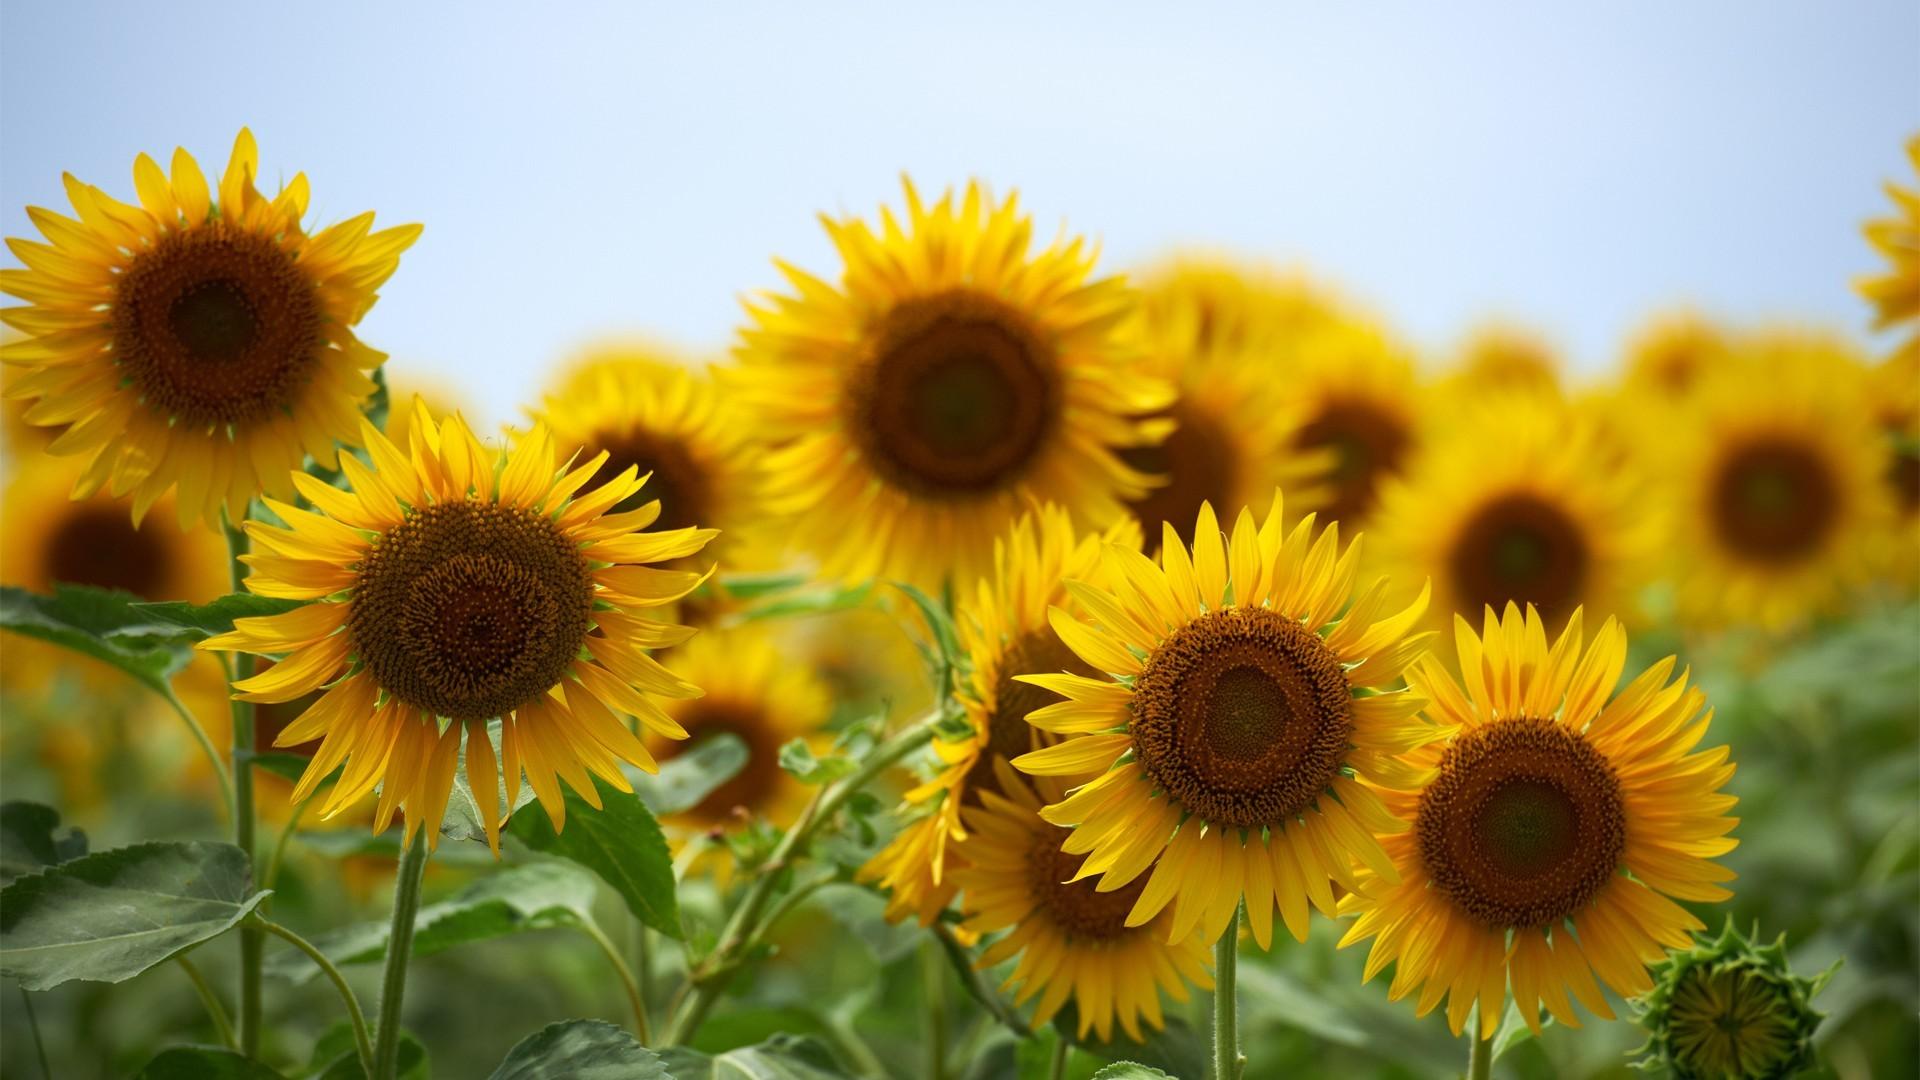 48844 скачать обои Растения, Подсолнухи - заставки и картинки бесплатно